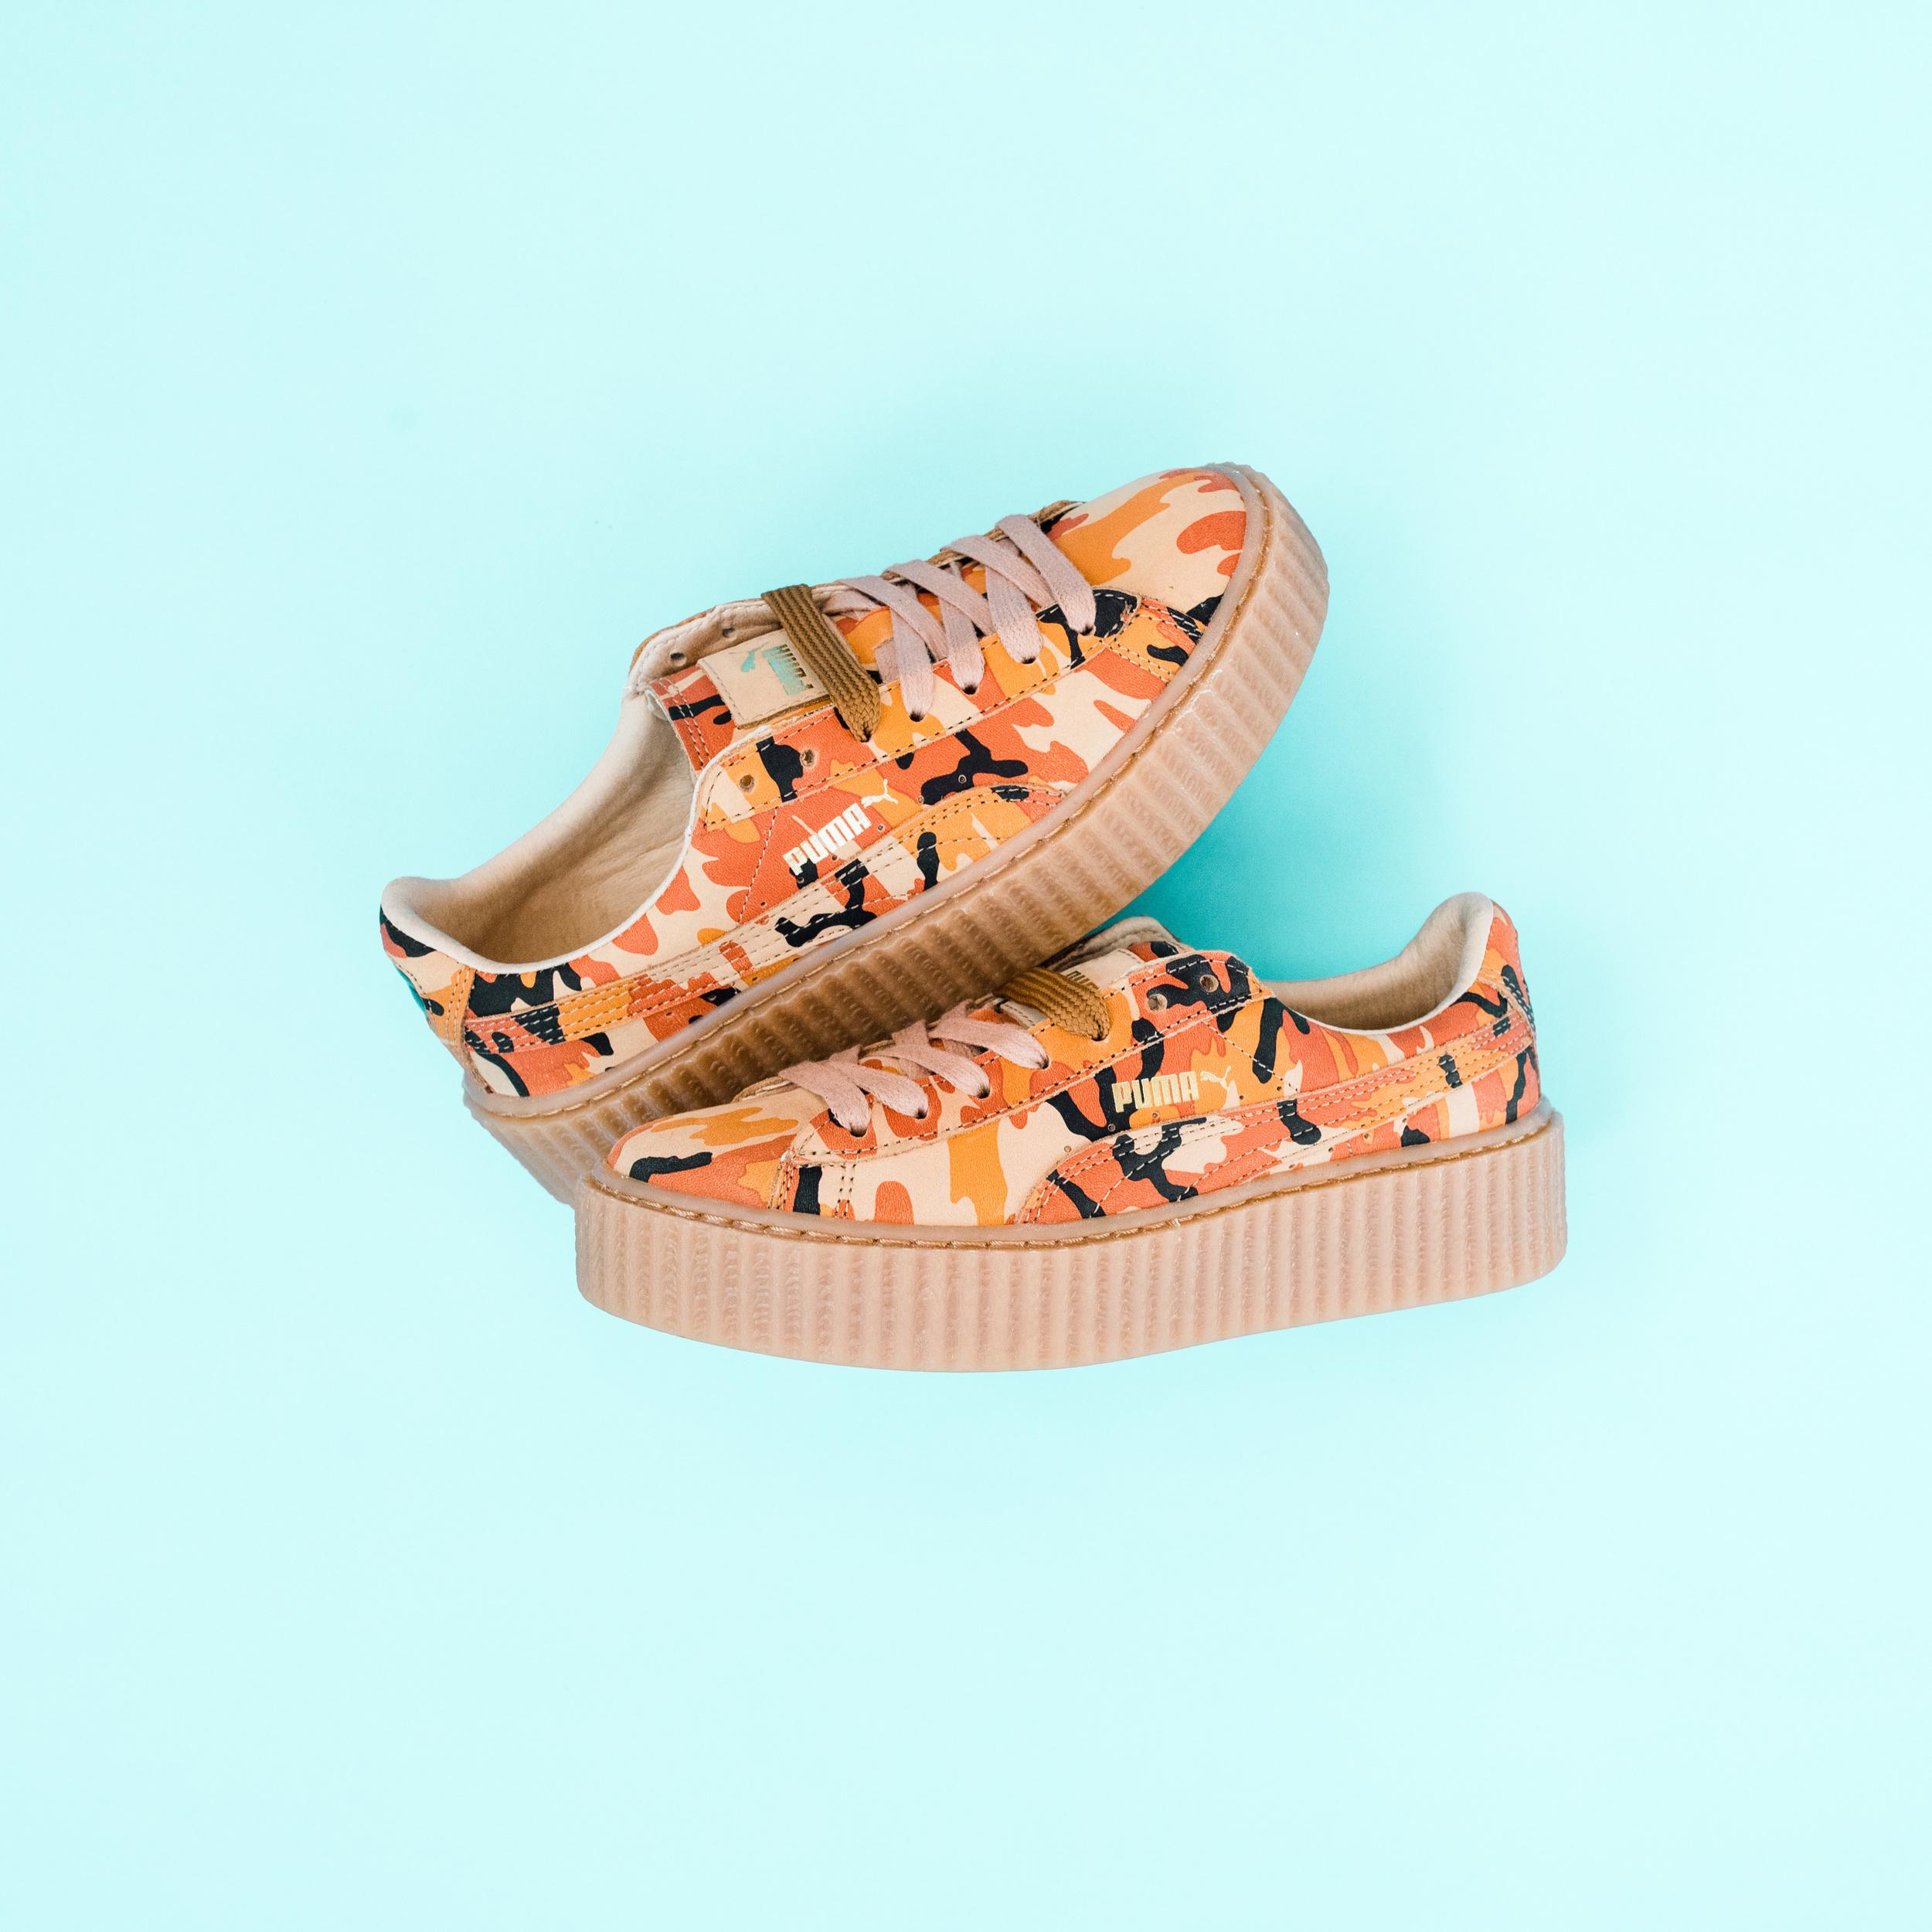 new style 76c93 e6e6b Now Available: Puma FENTY Creeper by Rihanna